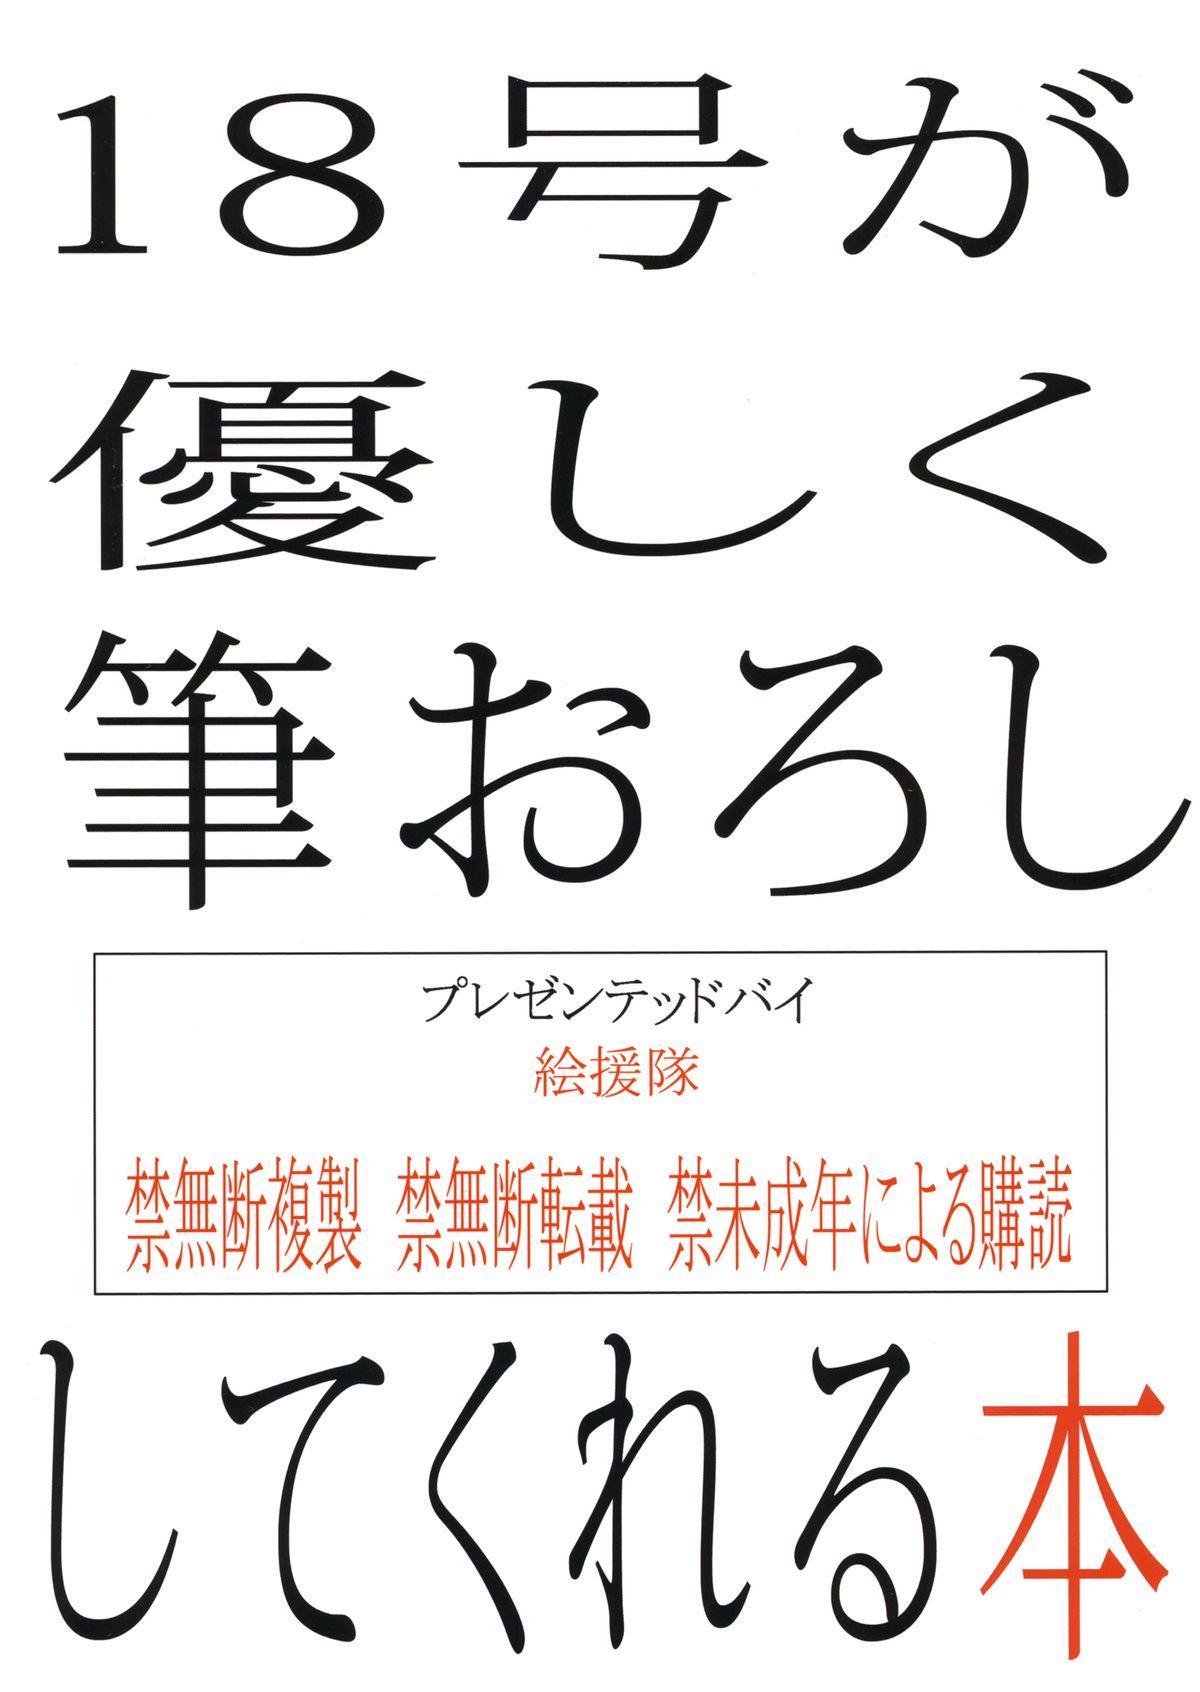 18-gou ga Yasashiku Fudeoroshi Shite Kureru Hon 33